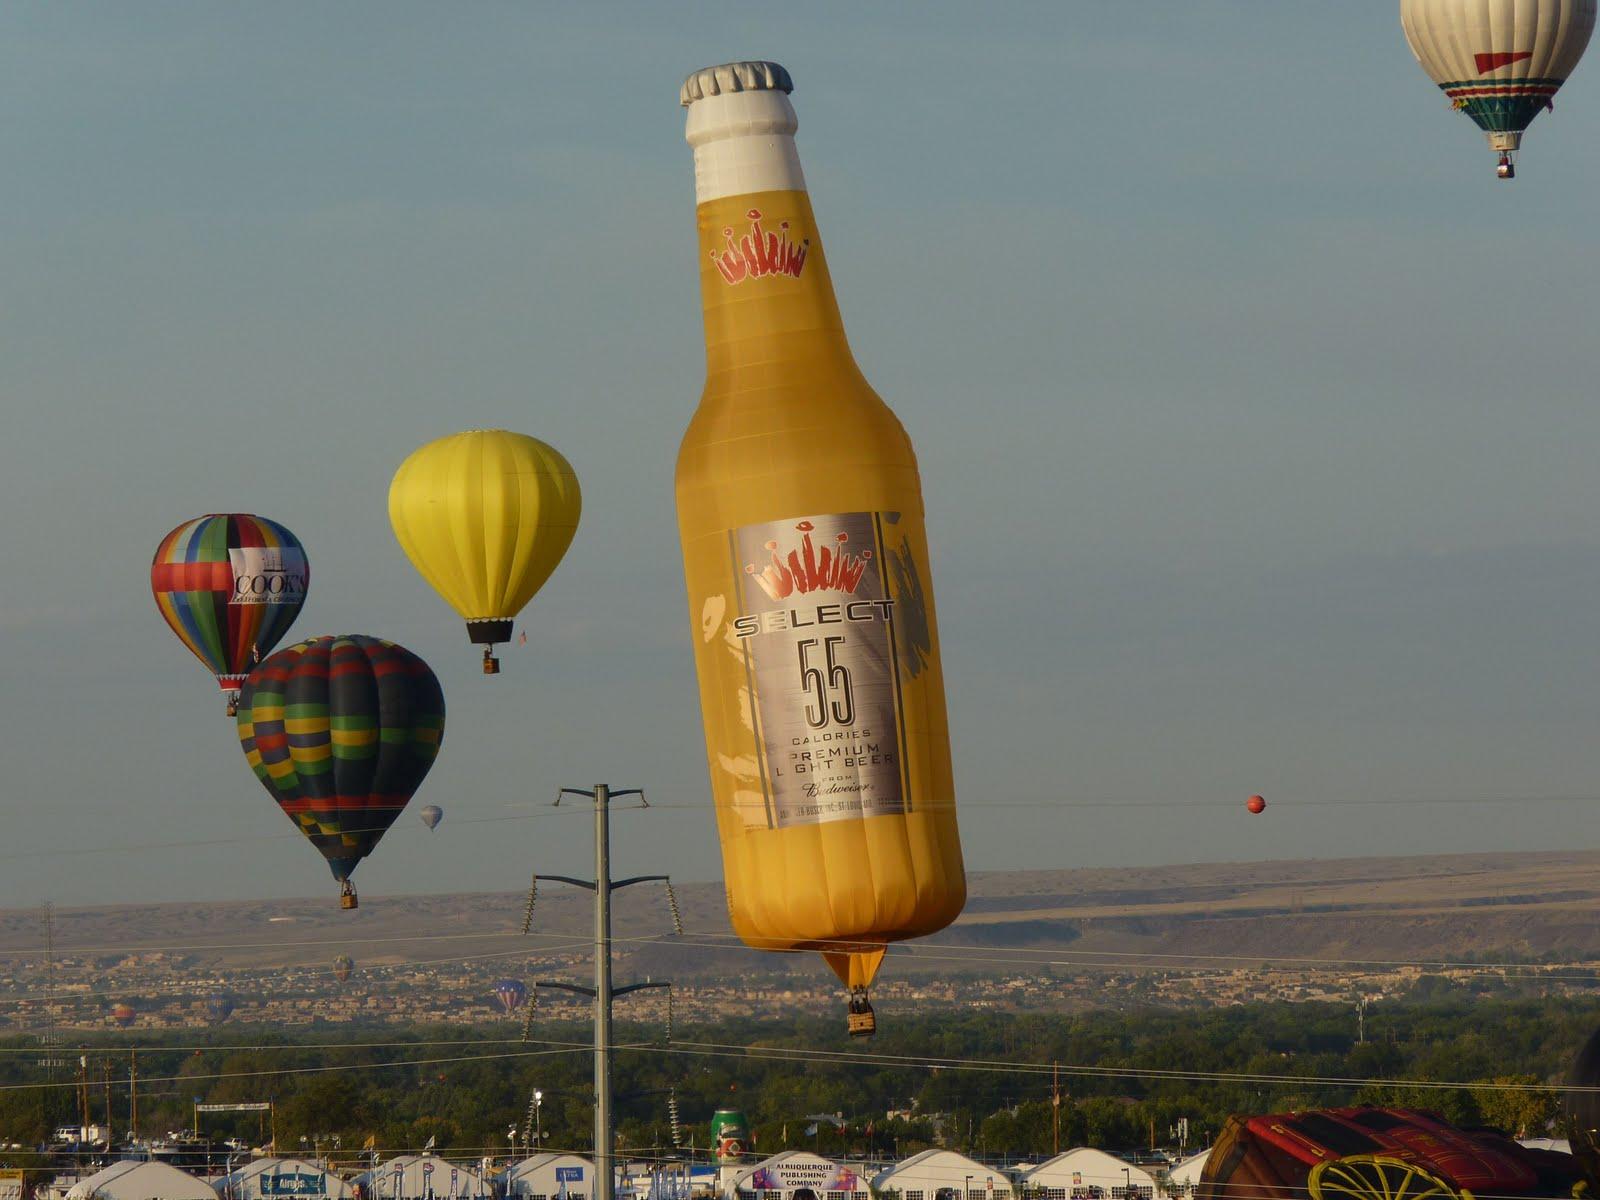 Balloon festival hot air balloon experience albuquerque html autos weblog